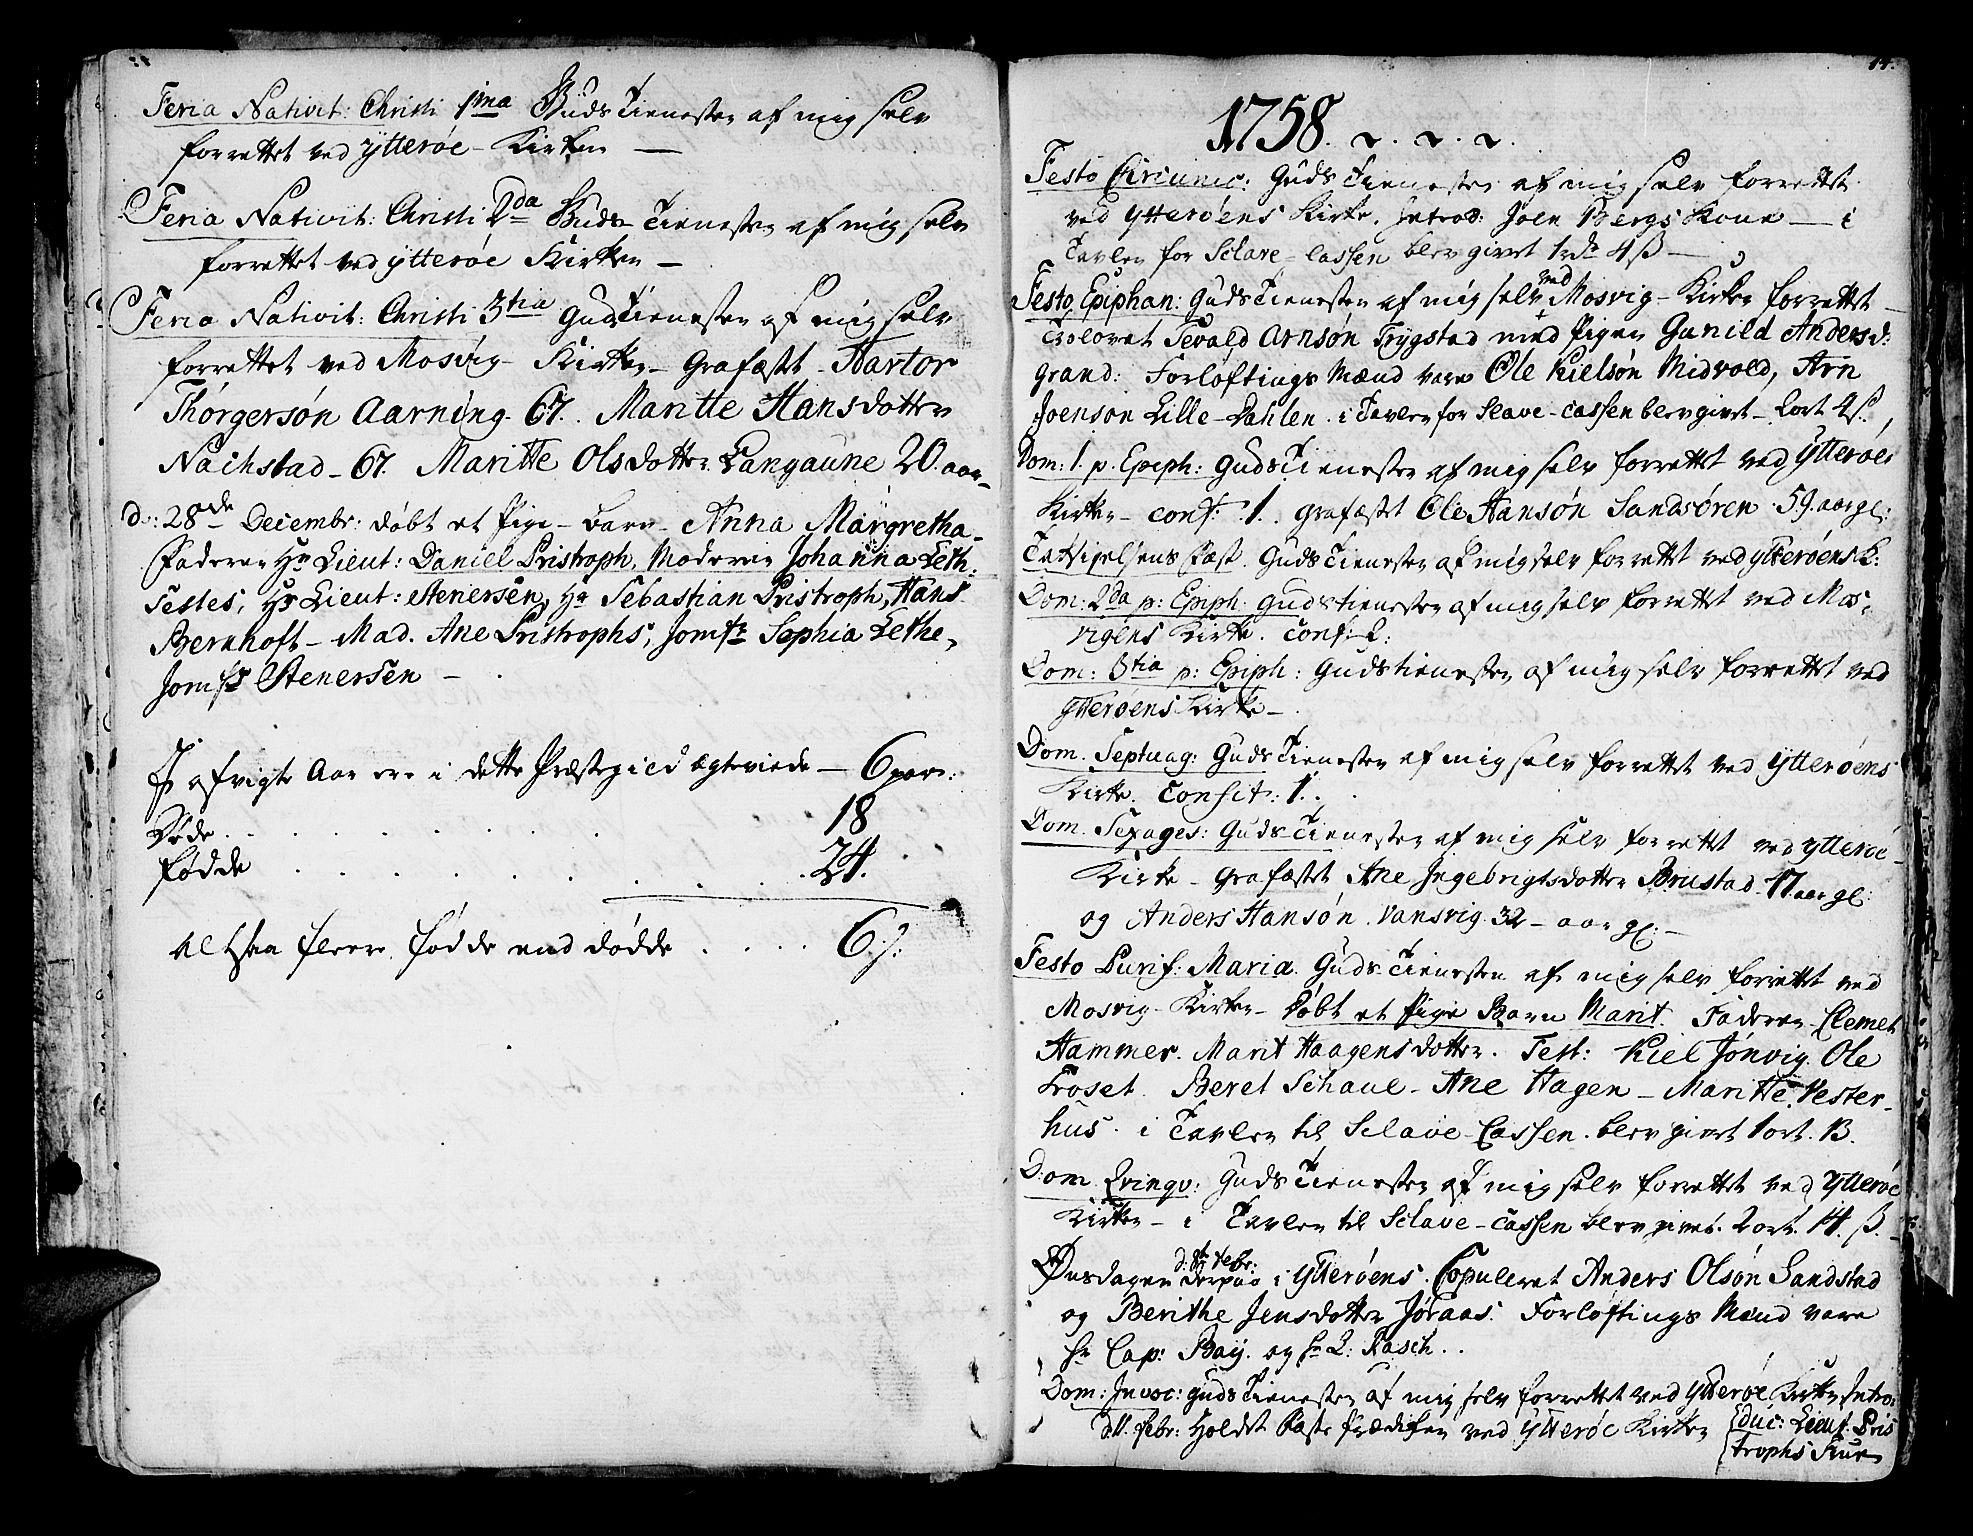 SAT, Ministerialprotokoller, klokkerbøker og fødselsregistre - Nord-Trøndelag, 722/L0216: Ministerialbok nr. 722A03, 1756-1816, s. 14